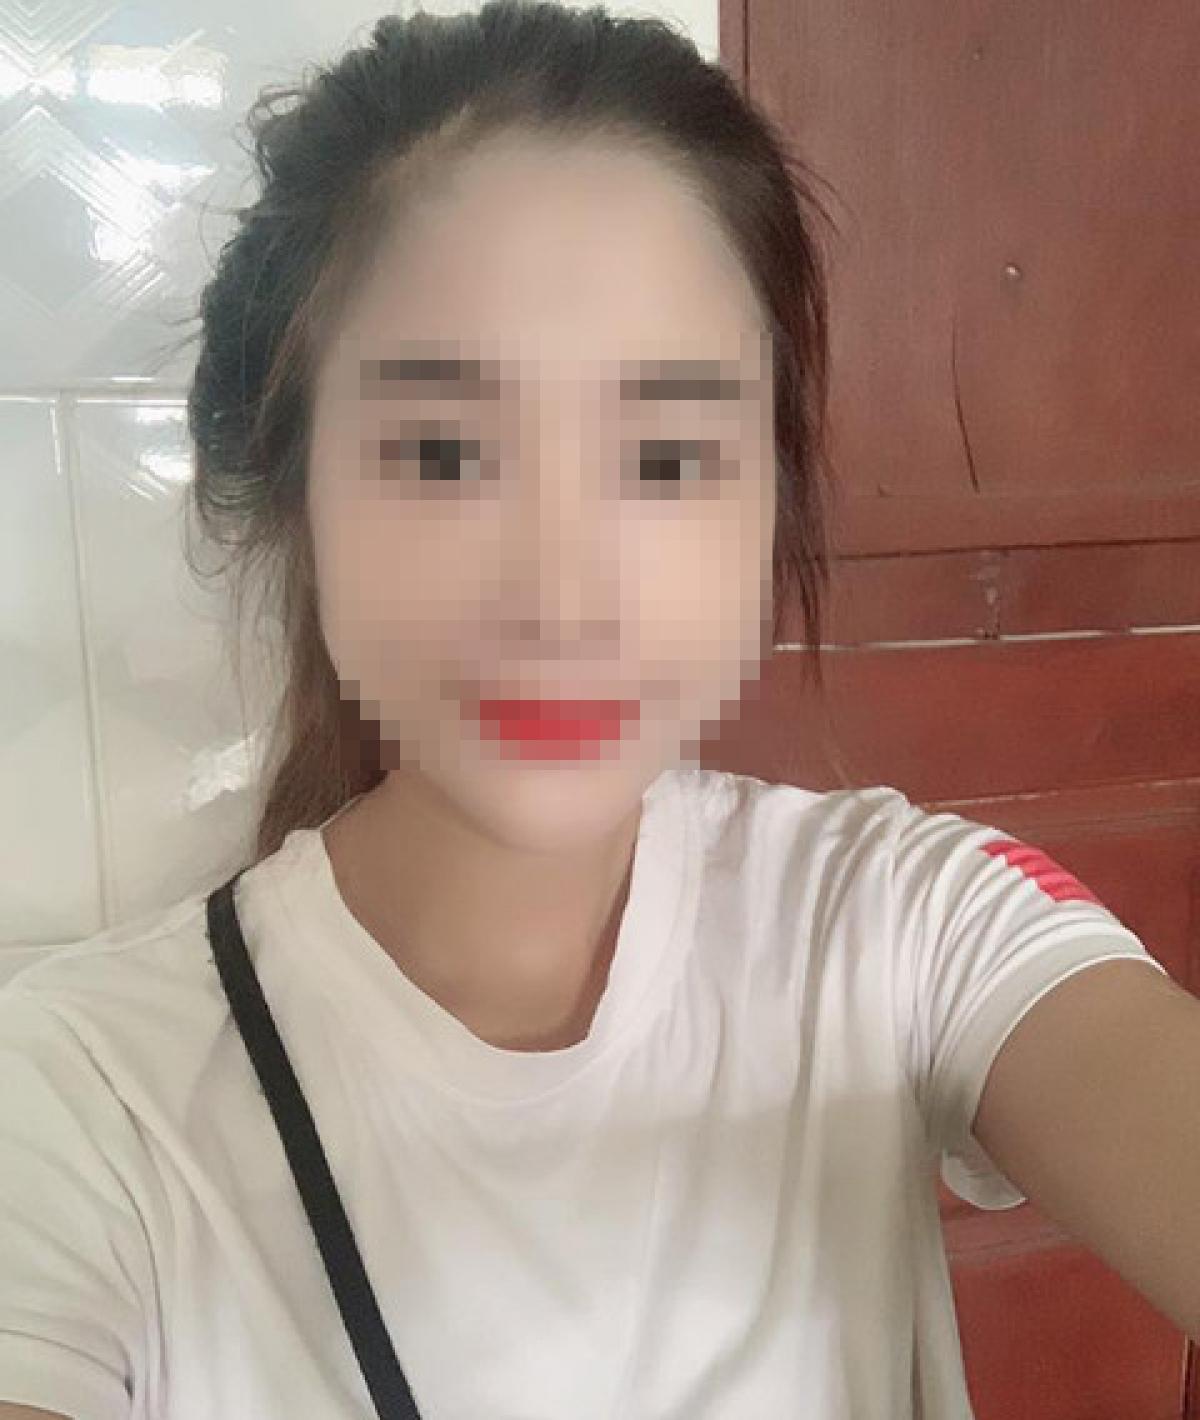 Hình ảnh chịTh. (SN 1993) trước khi được báo tin bị lừa bán qua làm vợ ở Myanmar. Ảnh: Công an TP HCM